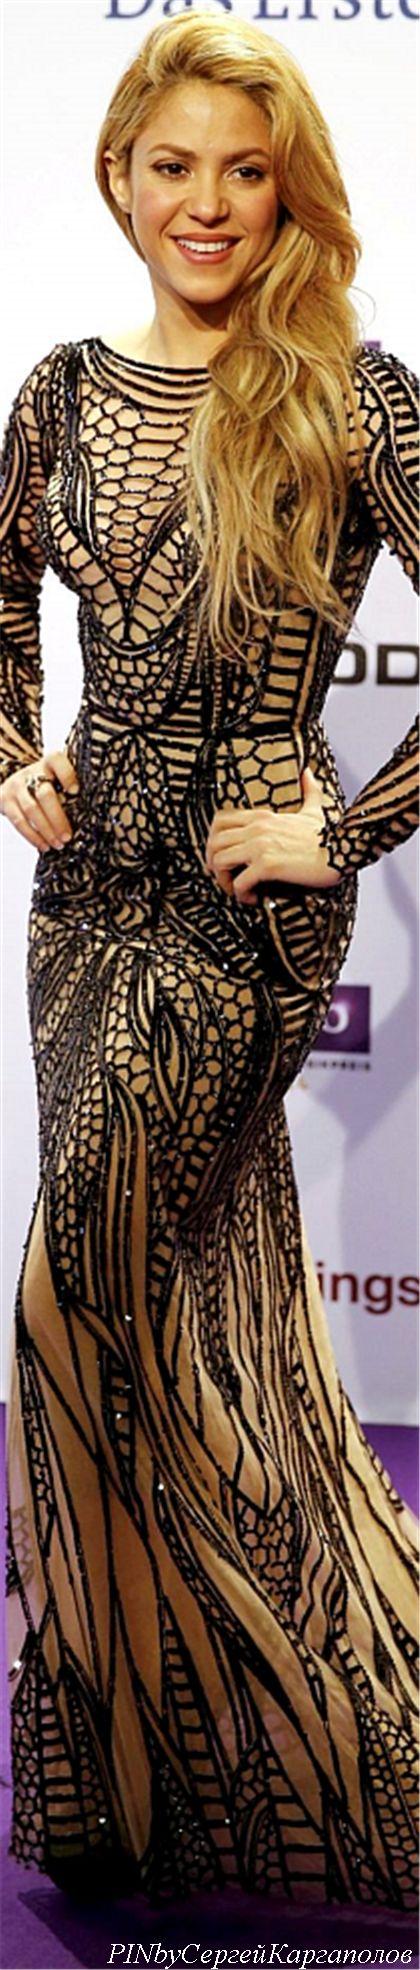 Shakira #Shakira